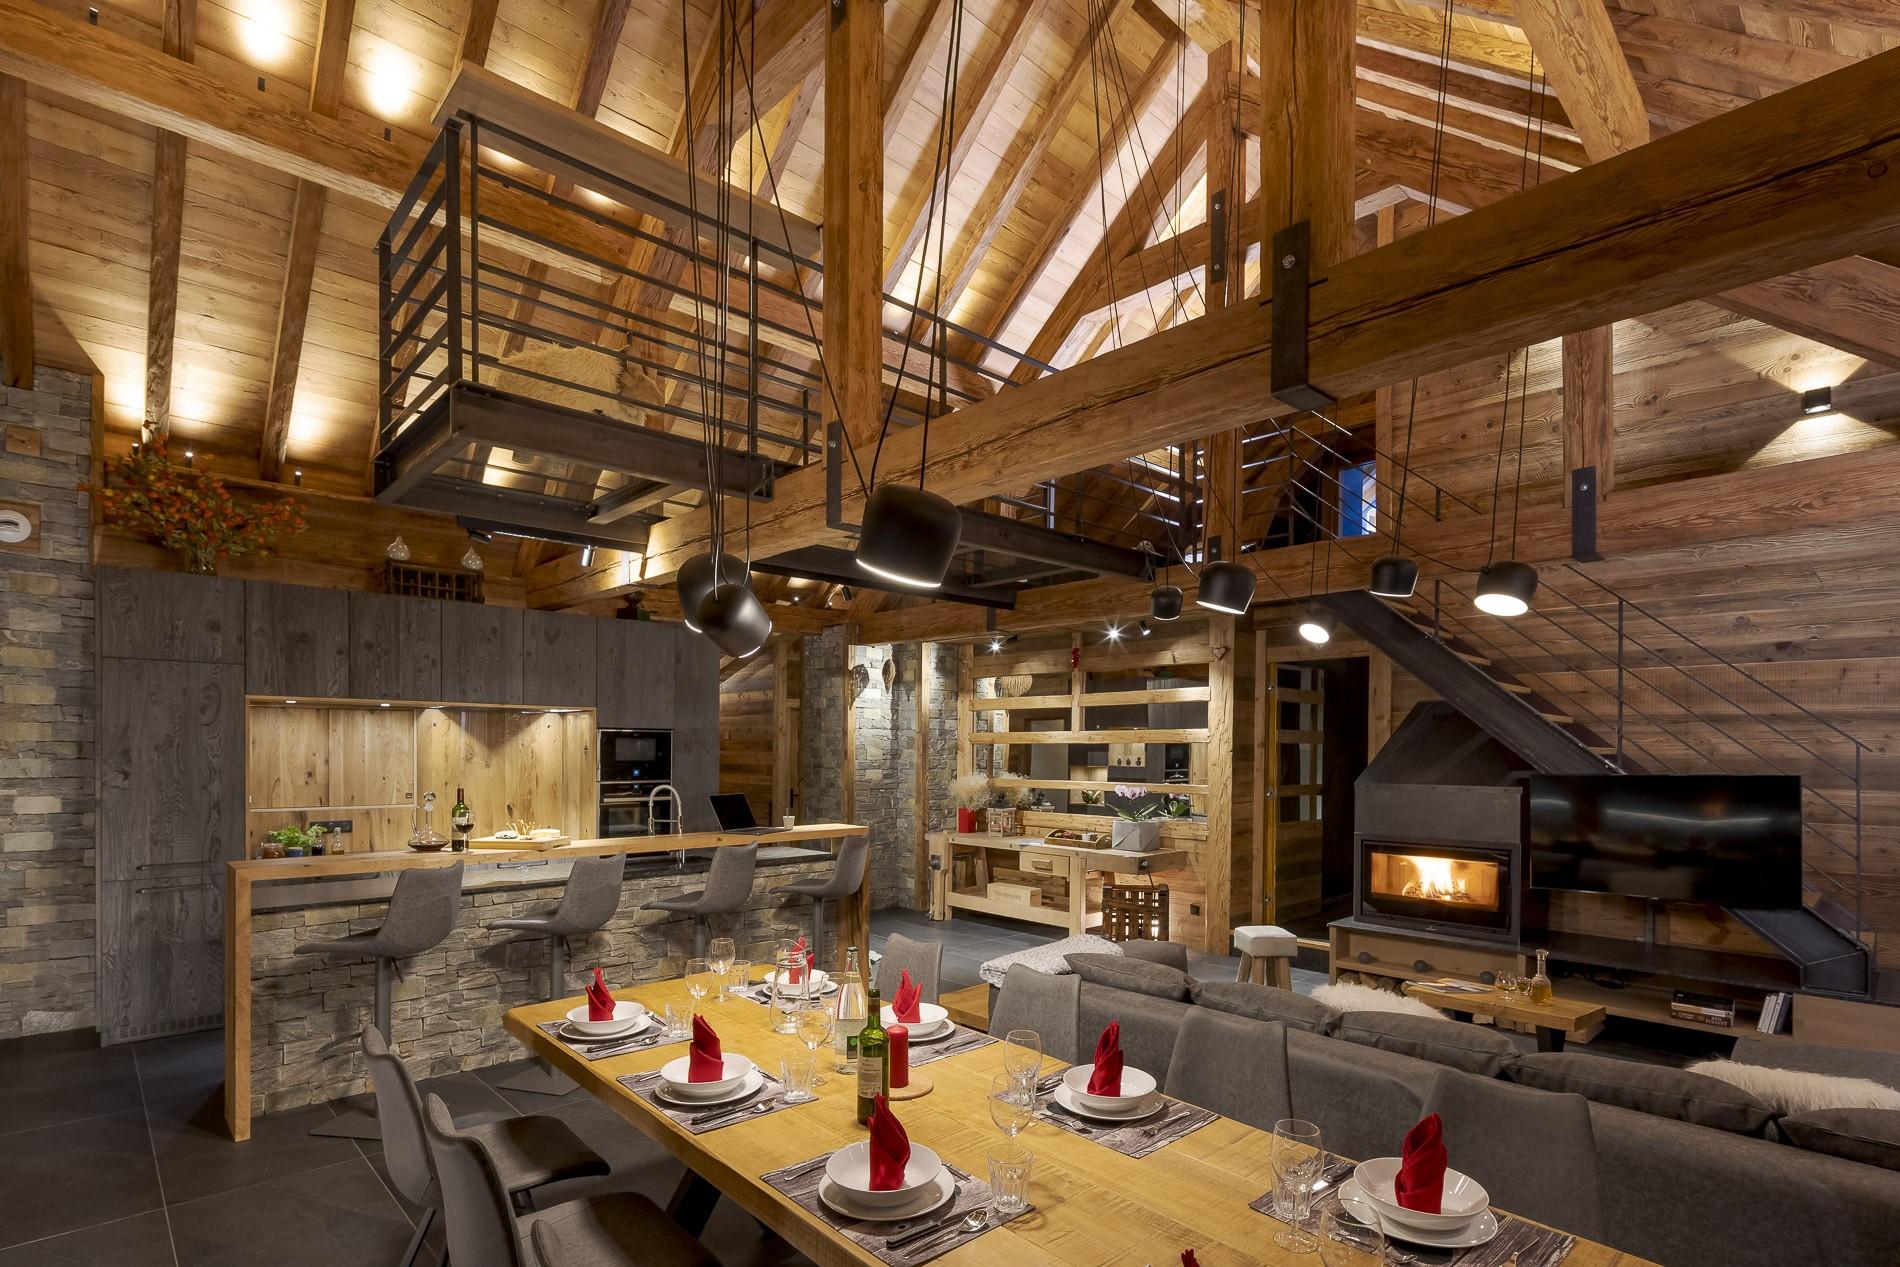 Les Deux Alpes Location Chalet Luxe Cervantute Salle A Manger